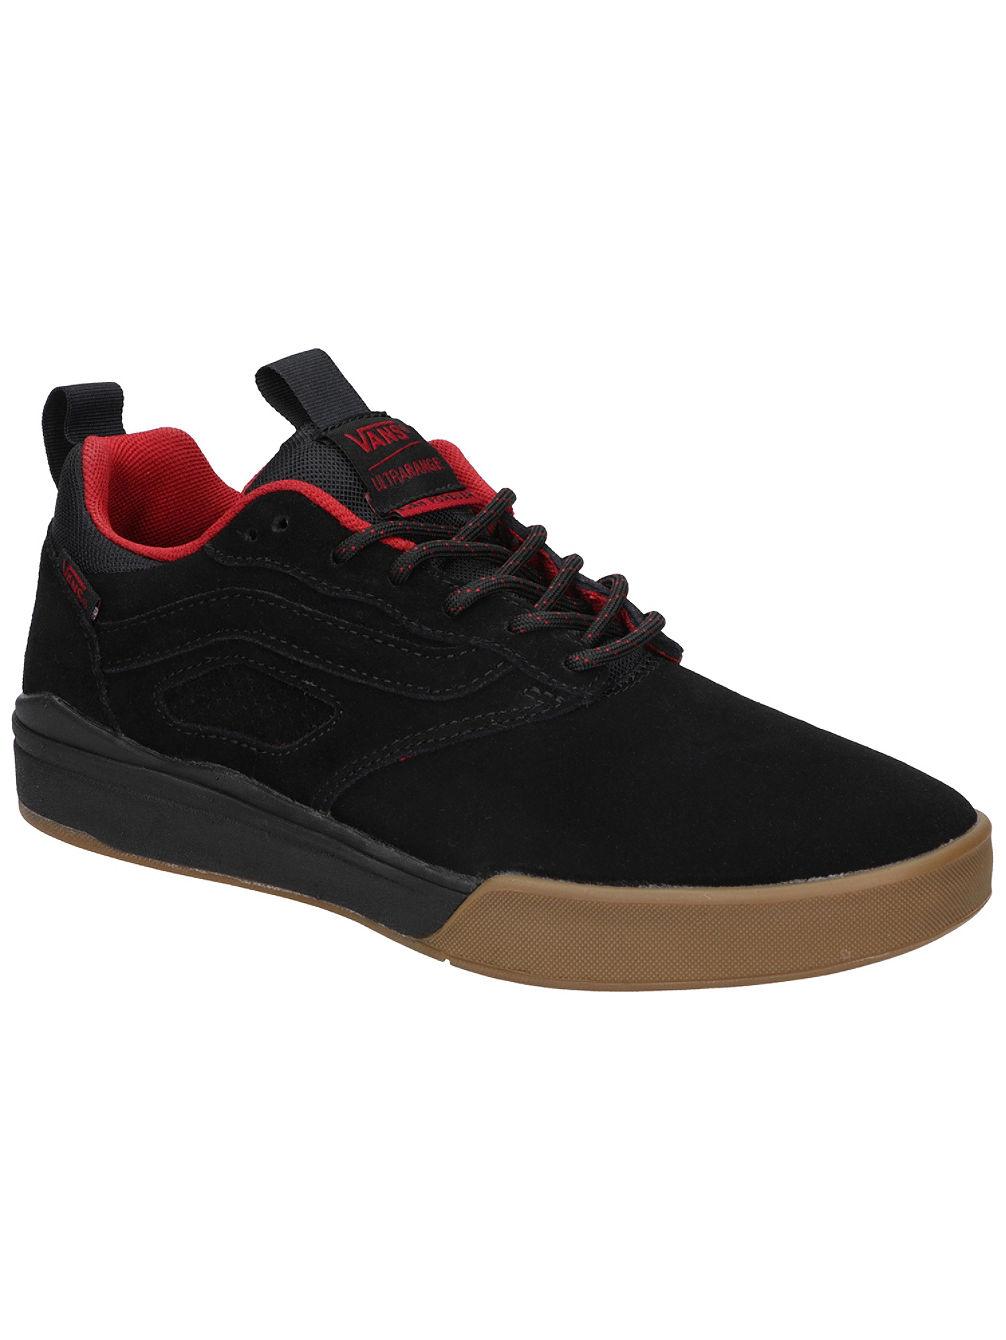 94d17b66d2f3 Buy Vans Spitfire Ultrarange Pro Skate Shoes online at blue-tomato.com